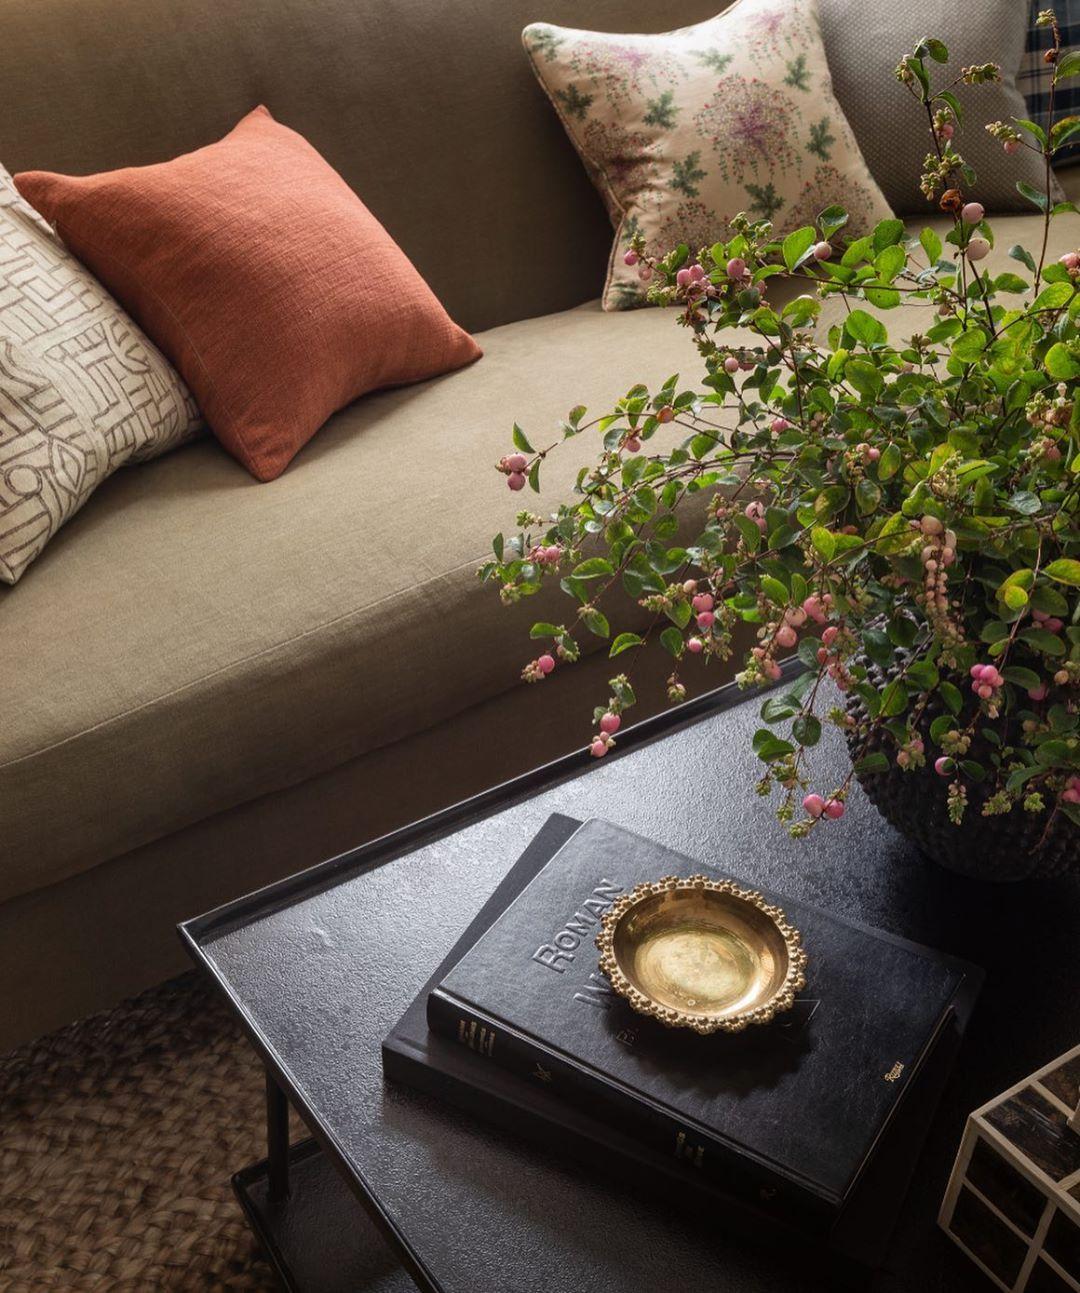 d275b7e47babfbfce8c03efb1d53bdde - Heidi Caillier Better Homes And Gardens